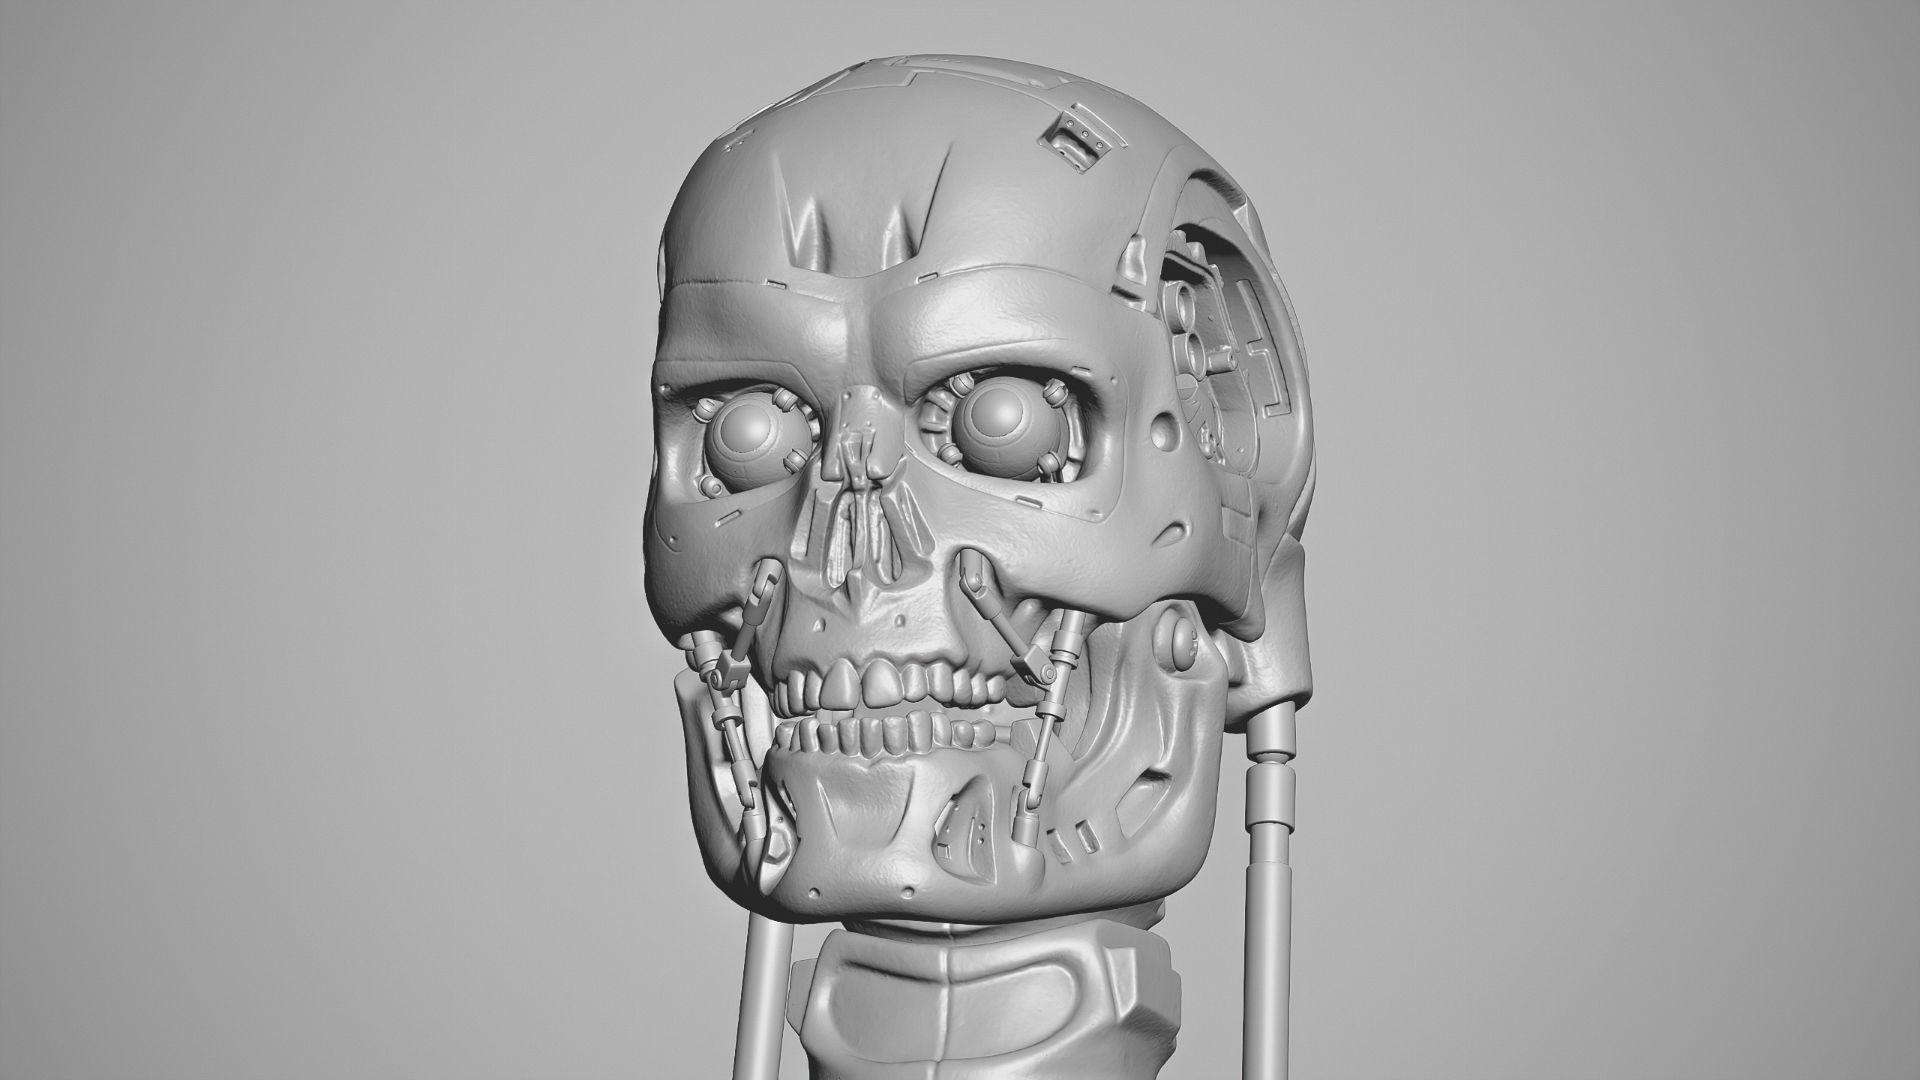 terminator-t-800-endoskull-scan-3d-model-obj.jpg